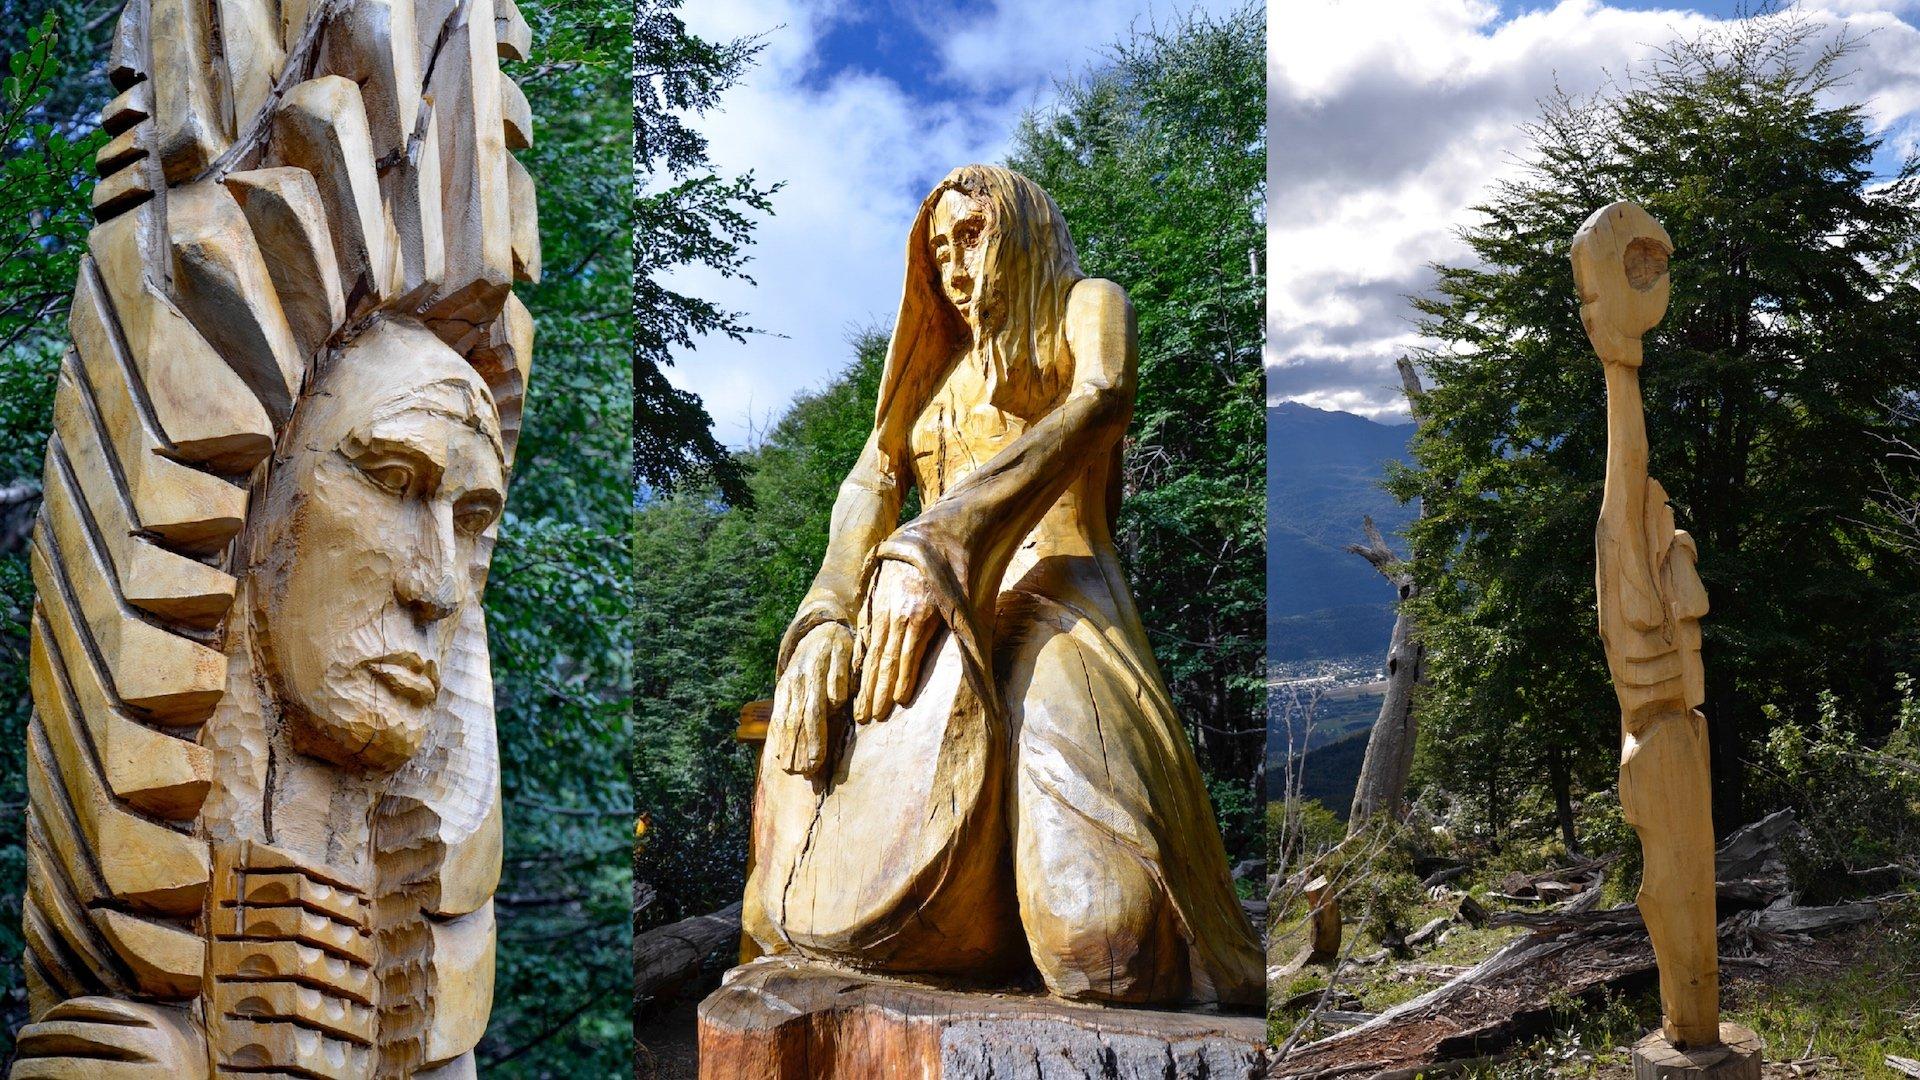 Así es el Bosque Tallado, un atractivo turístico distinto en El Bolsón